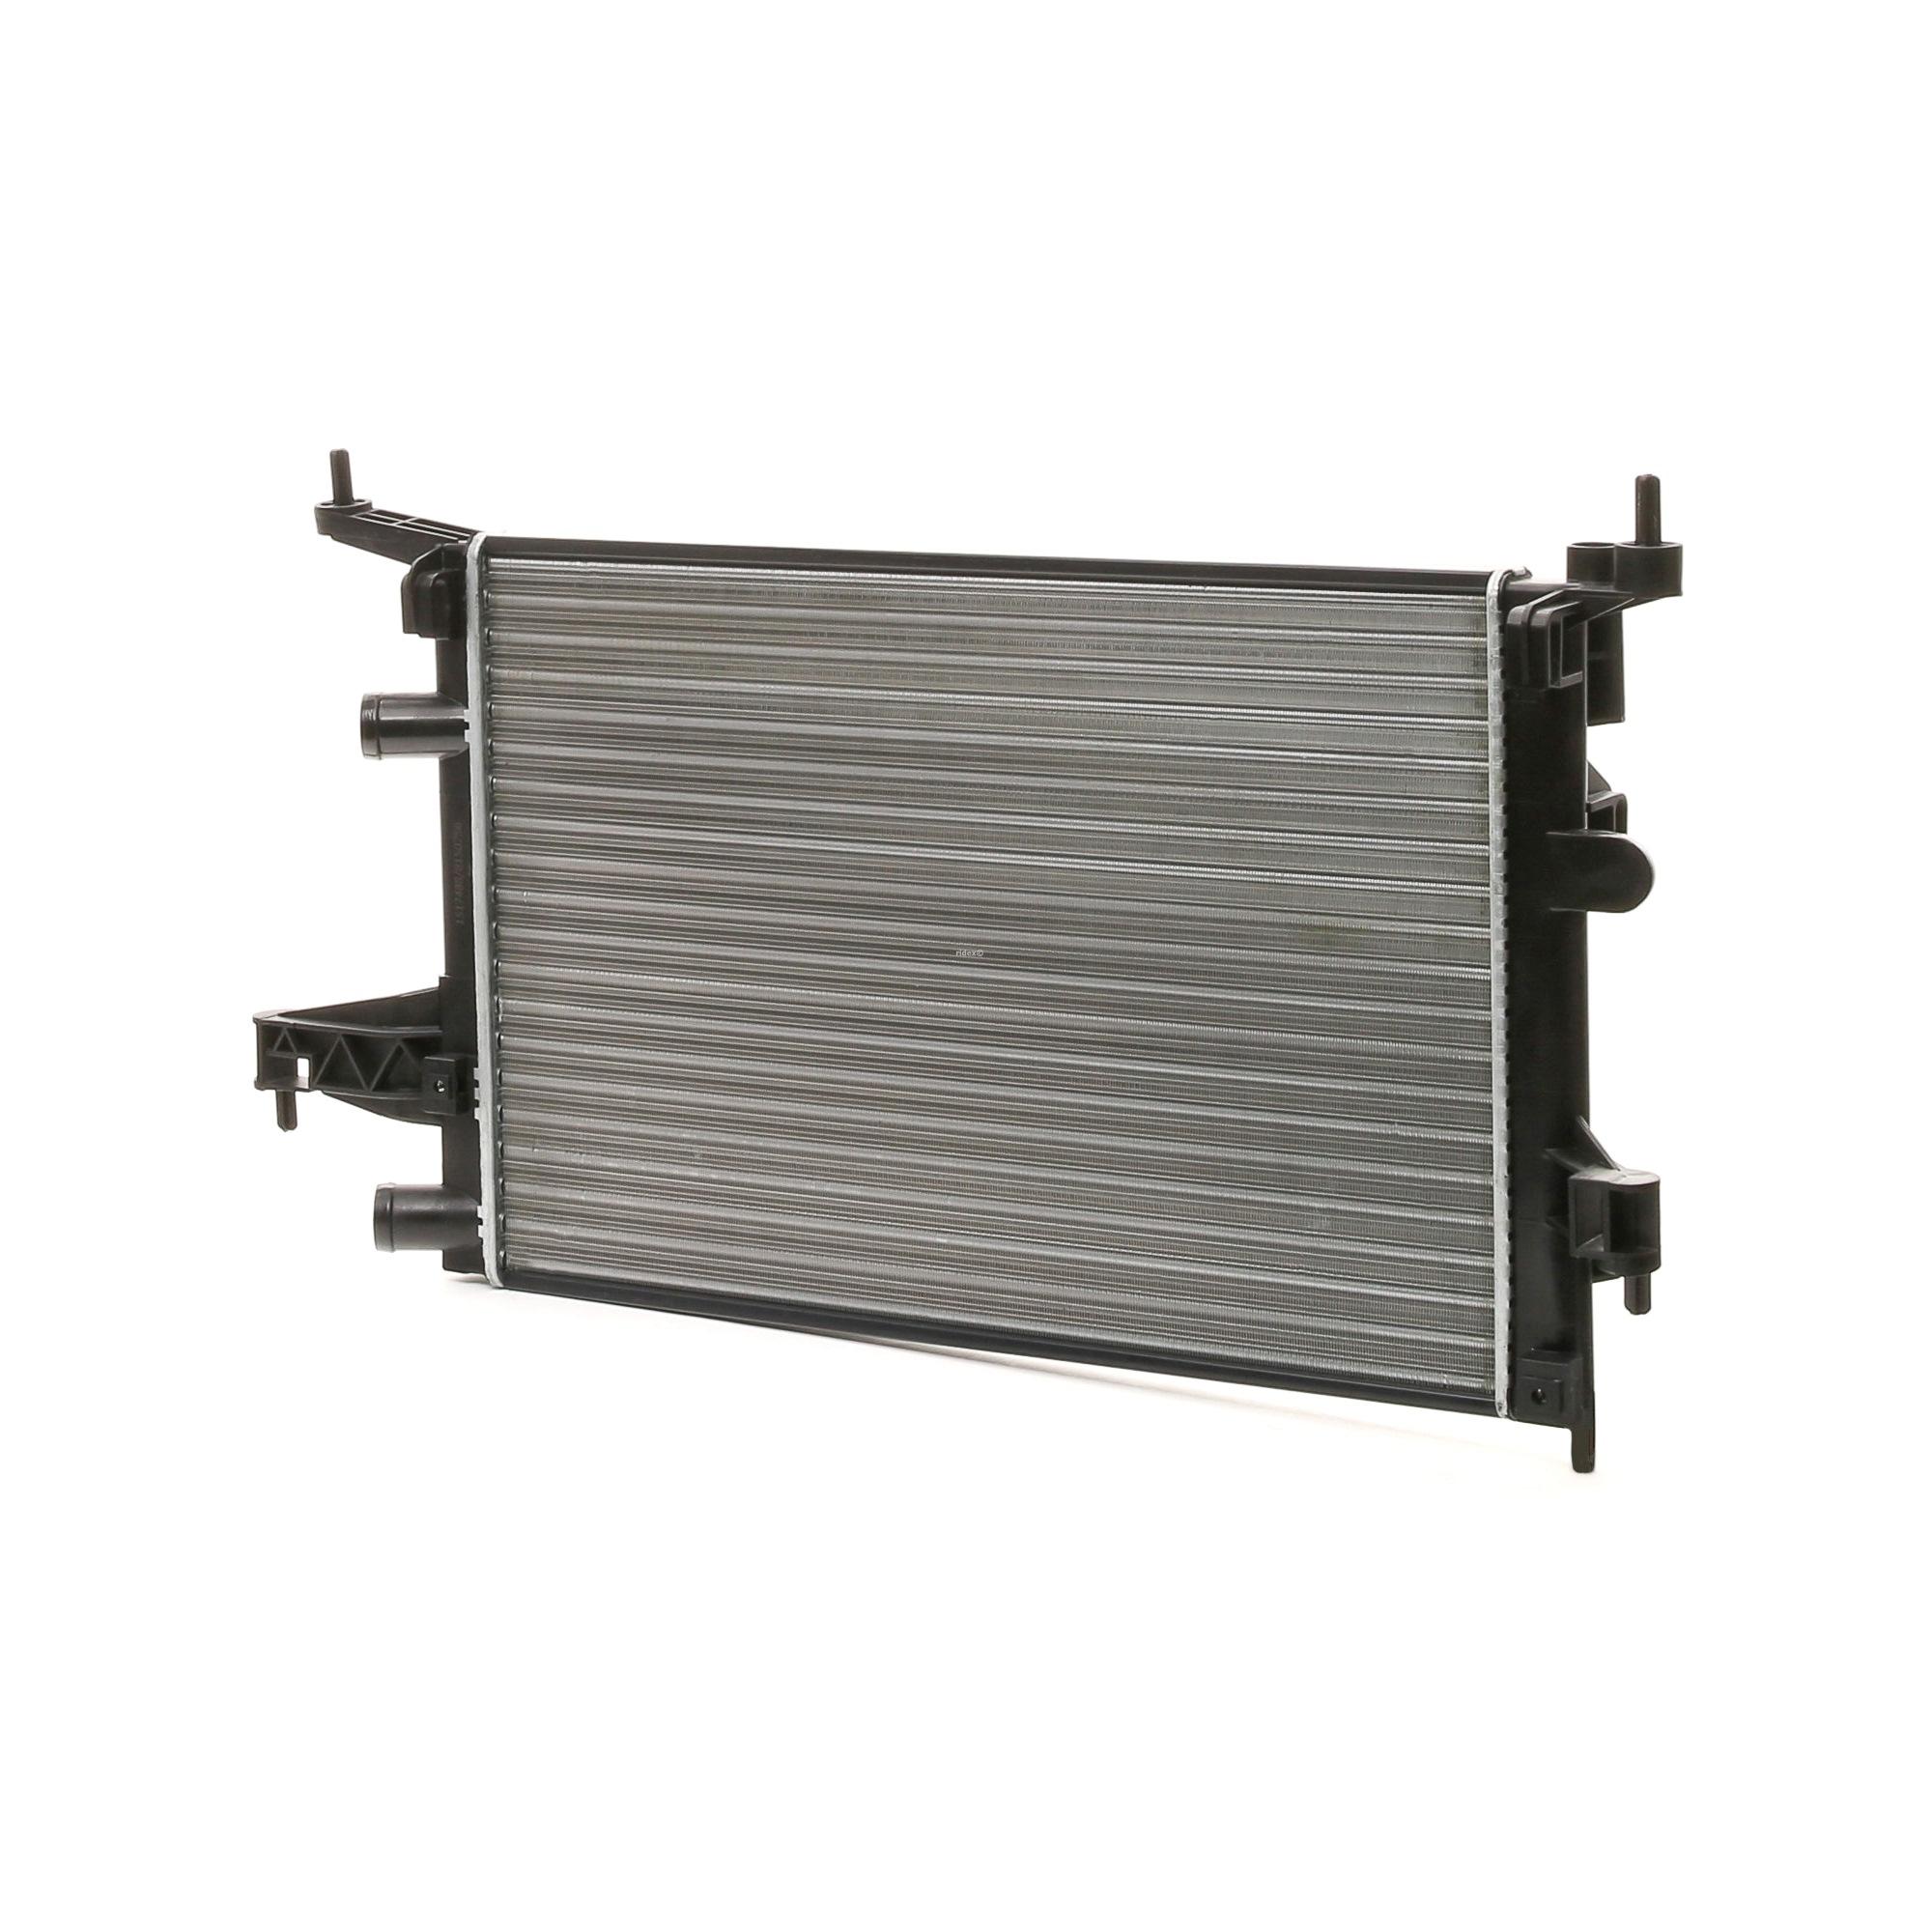 Originales Radiador refrigeración del motor 470R0167 Opel